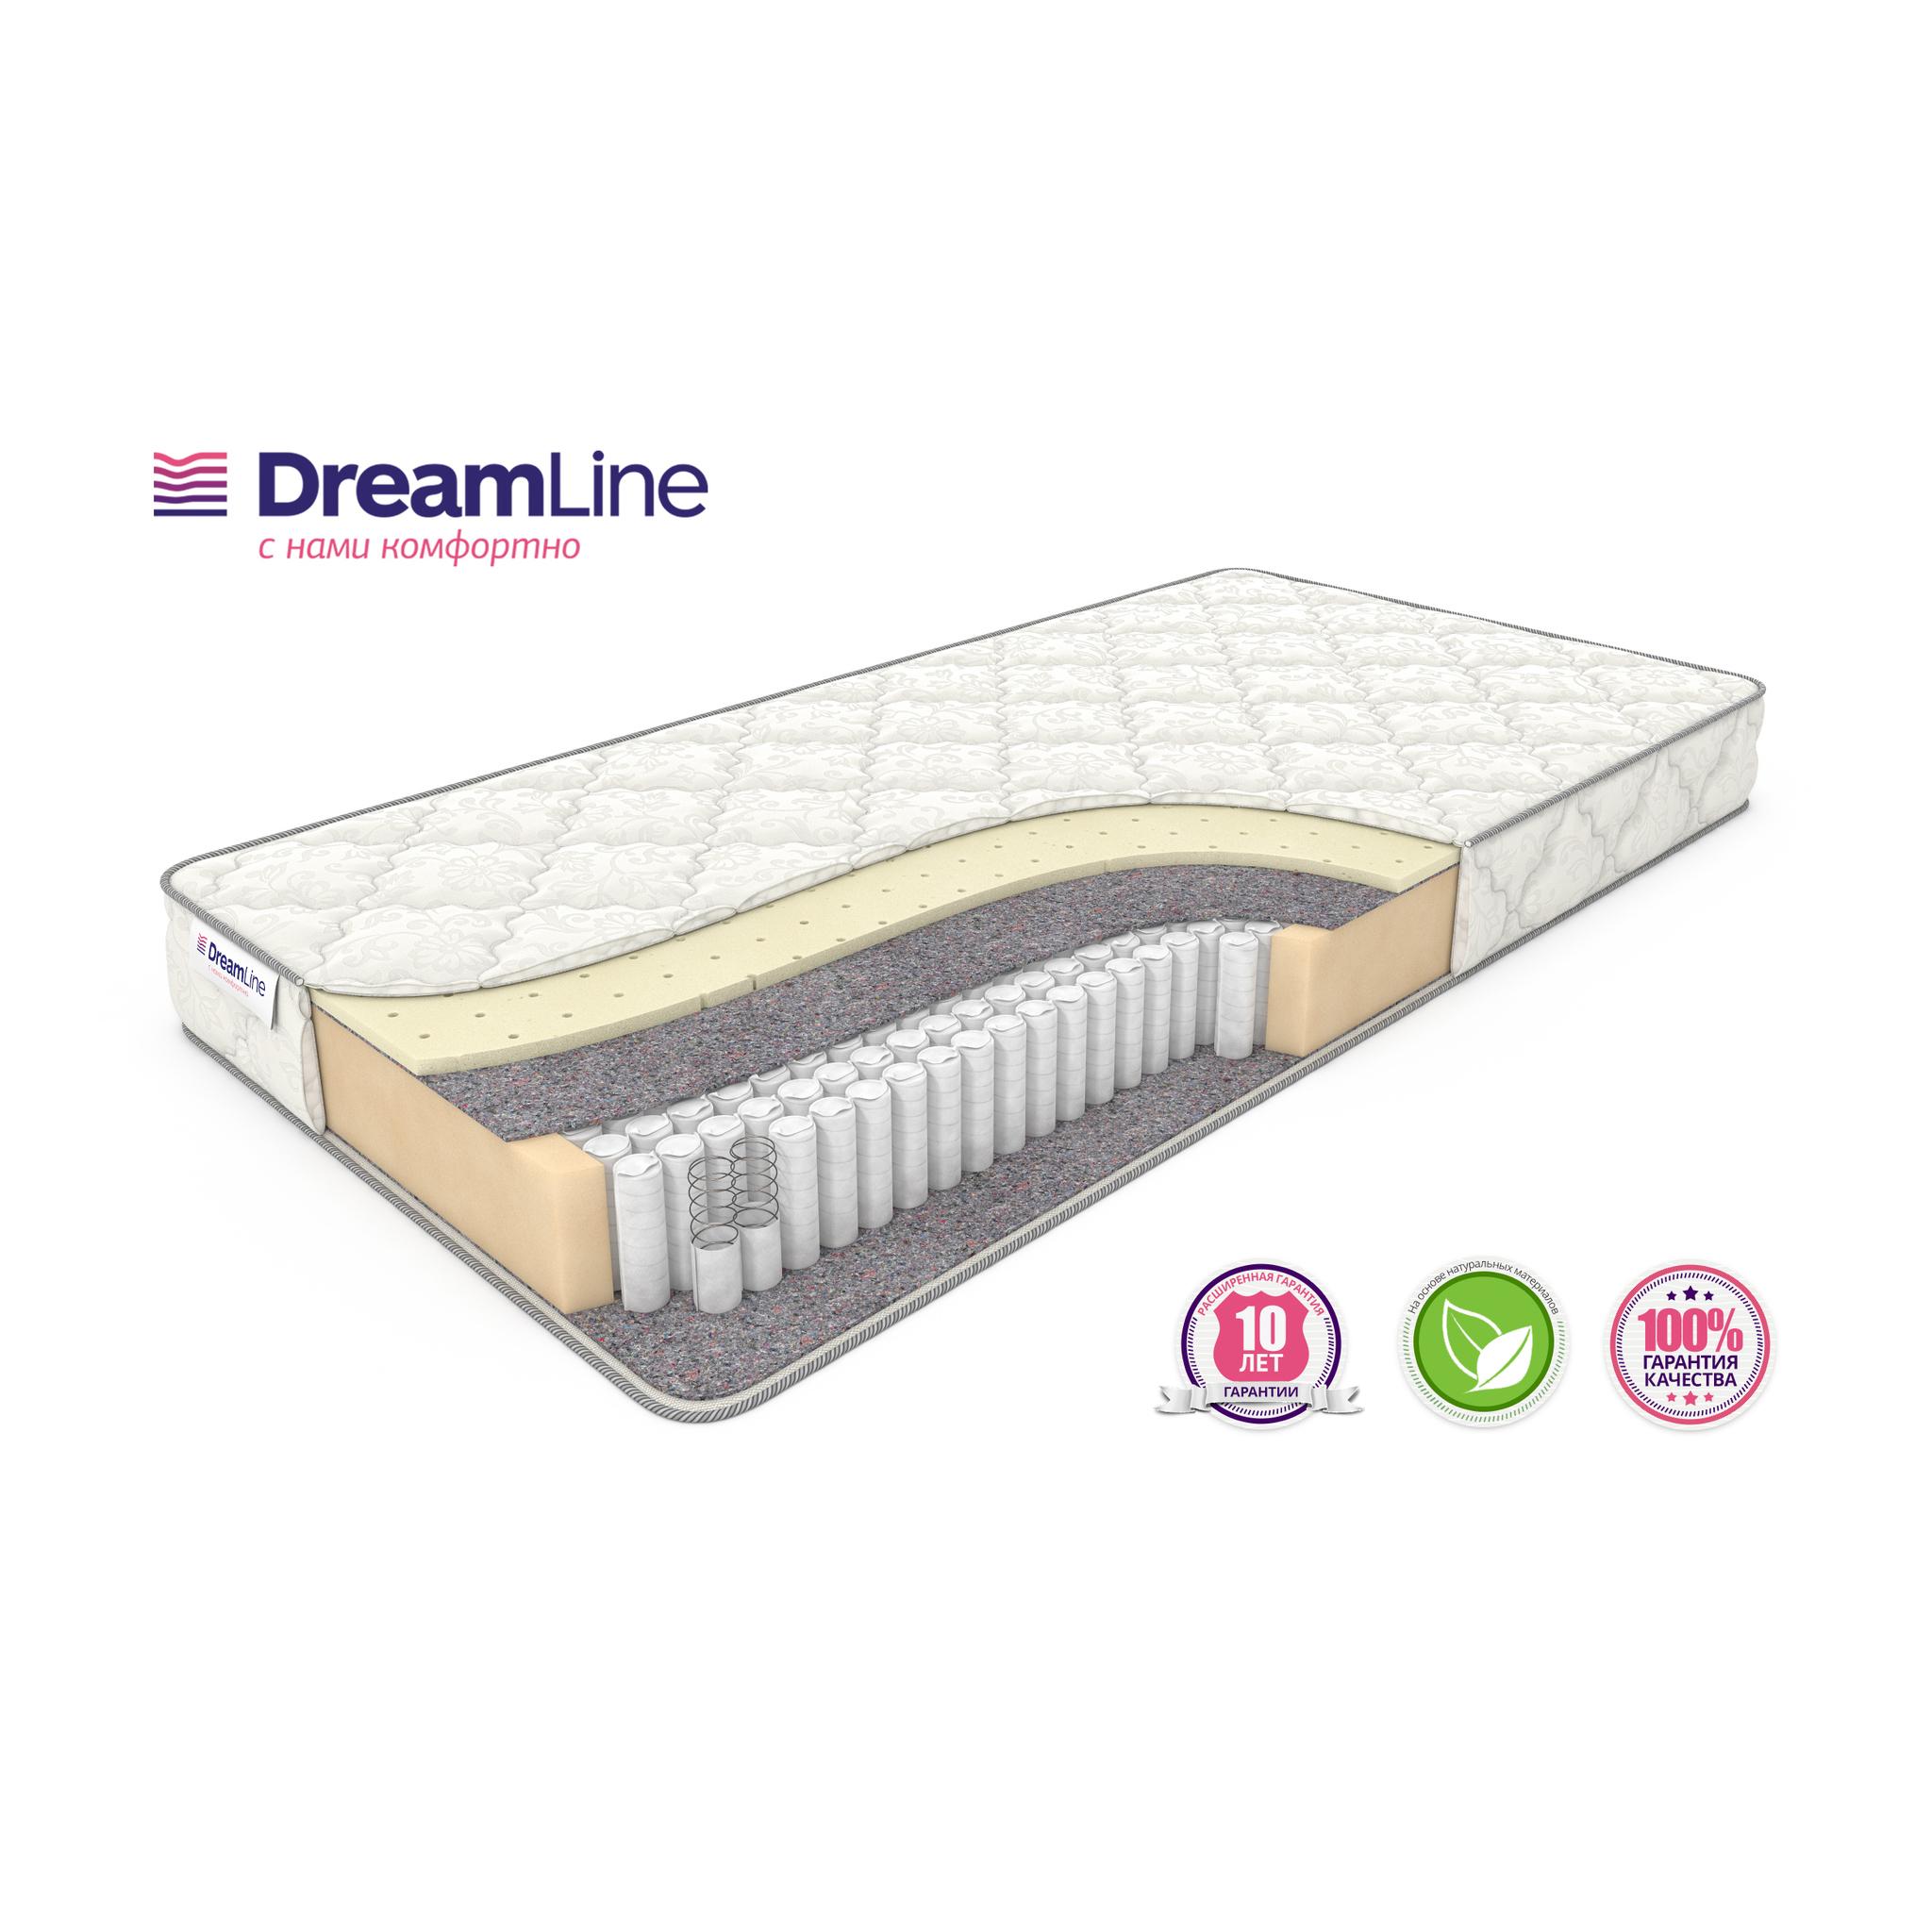 Матрас DreamLine Single Sleep 2 S1000 (120x200) фото